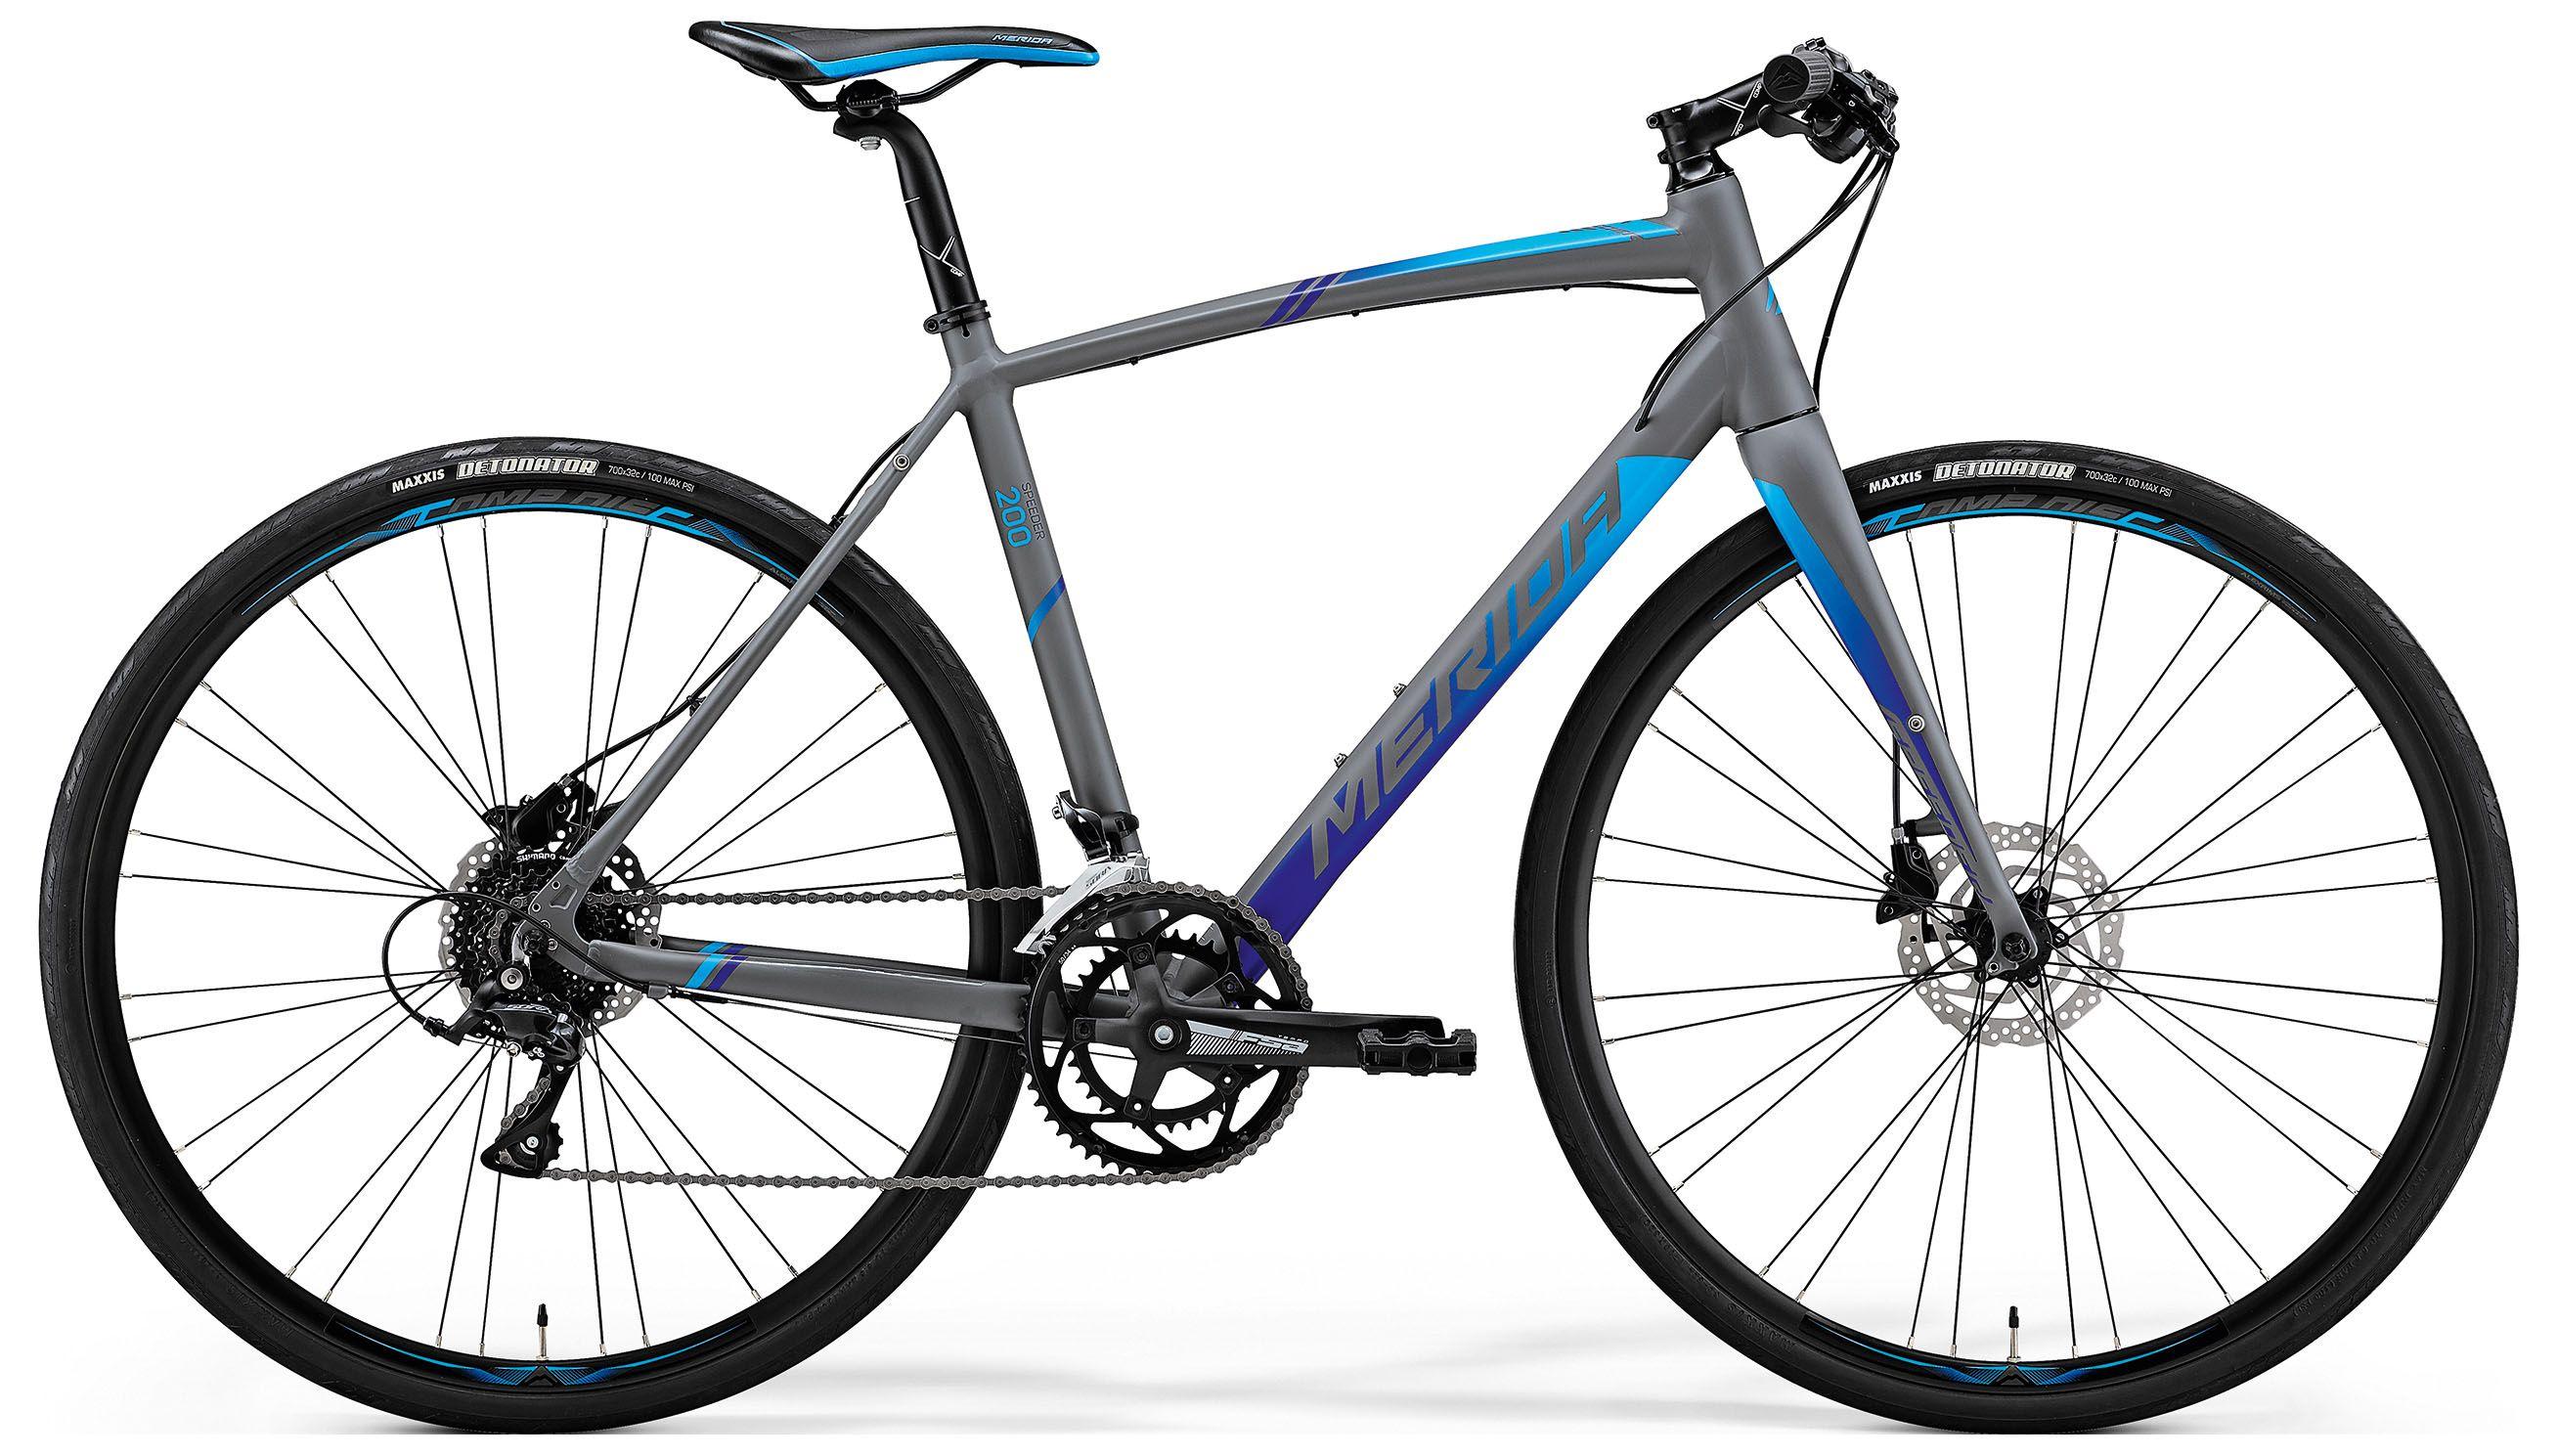 Велосипед Merida Speeder 200 2018 купить шоссейный велосипед б у в минске